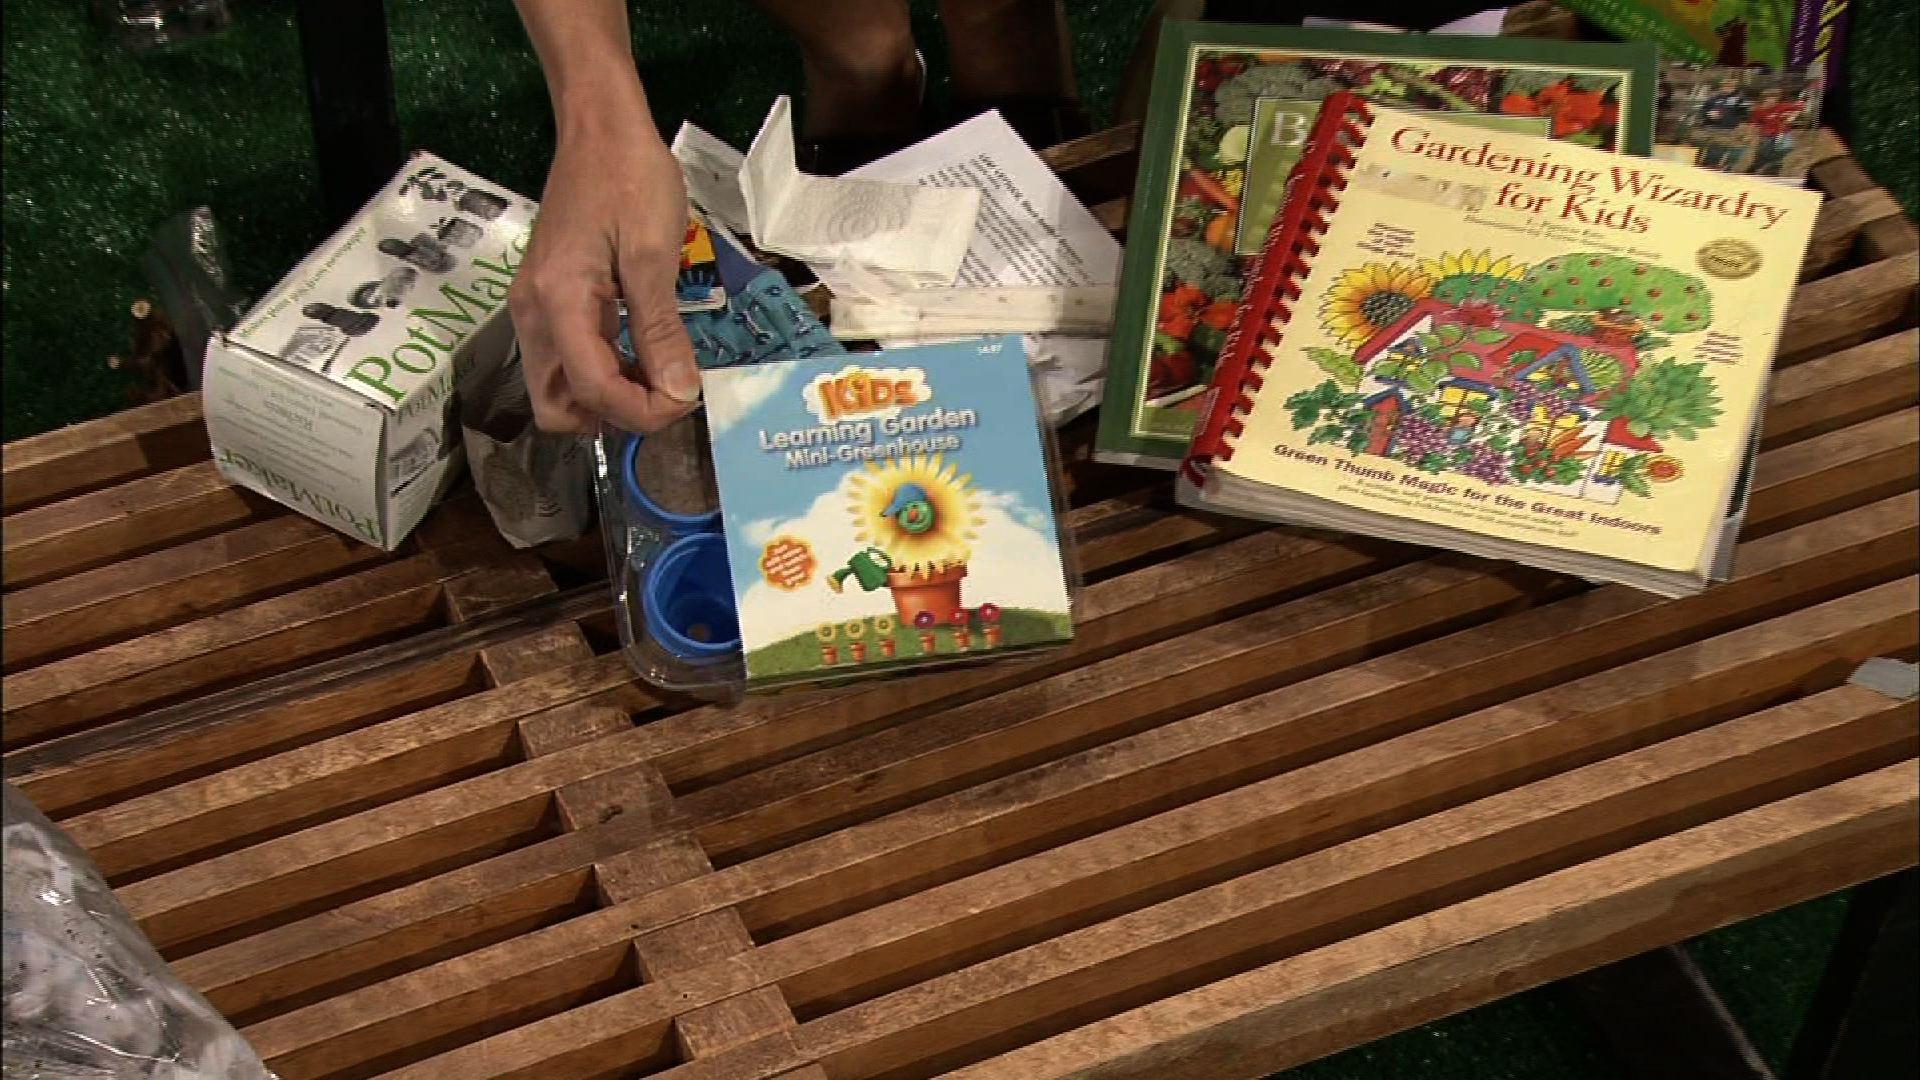 Garden Activities for Kids image